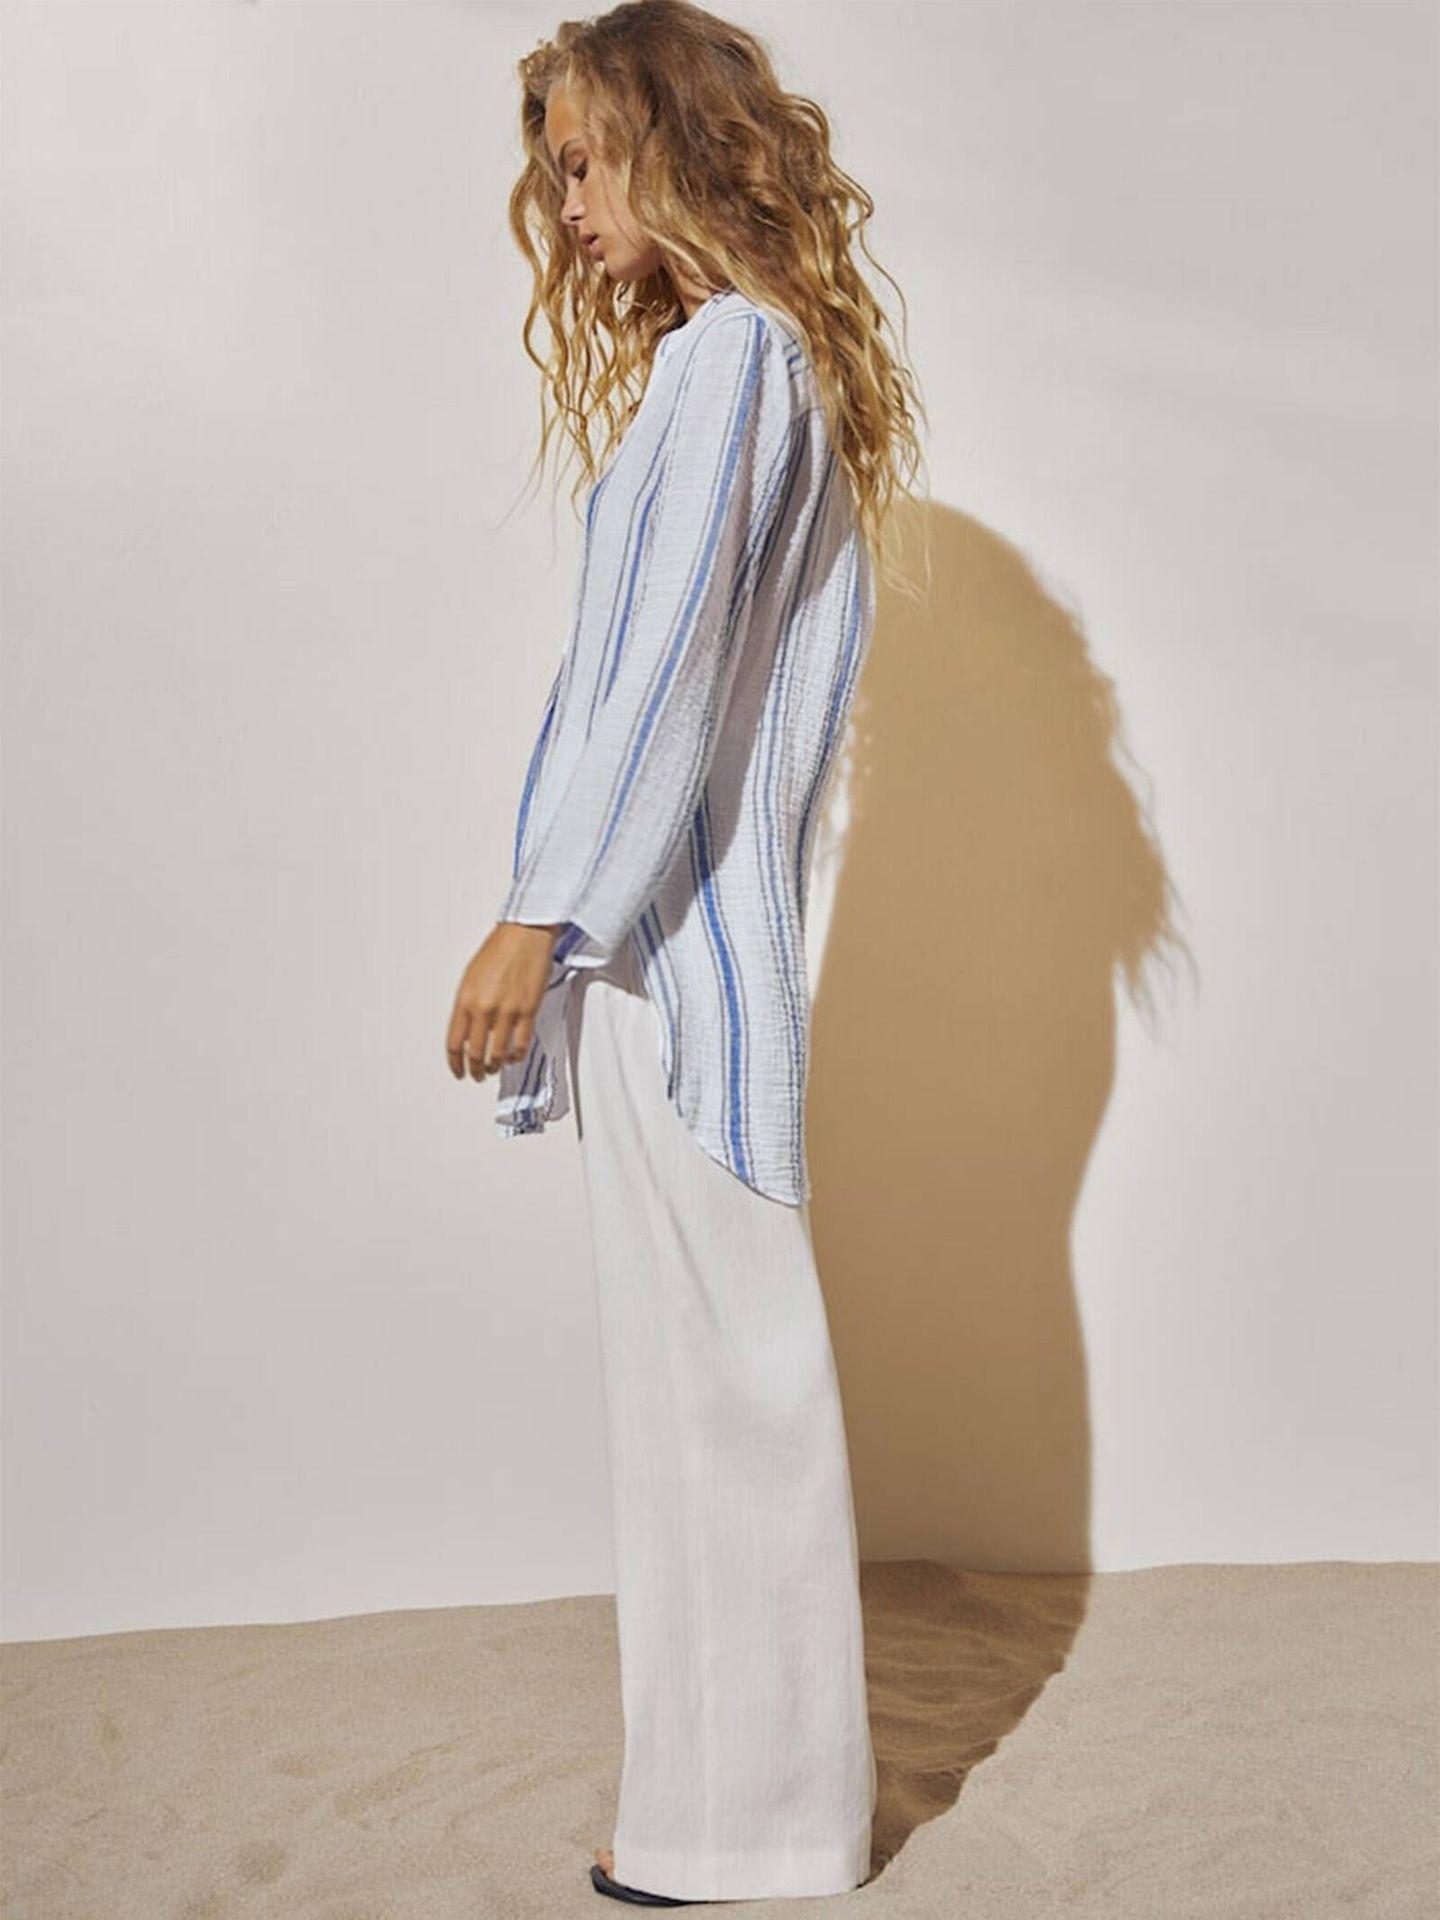 Camisa de rayas blancas y azules de Massimo Dutti. (Cortesía)